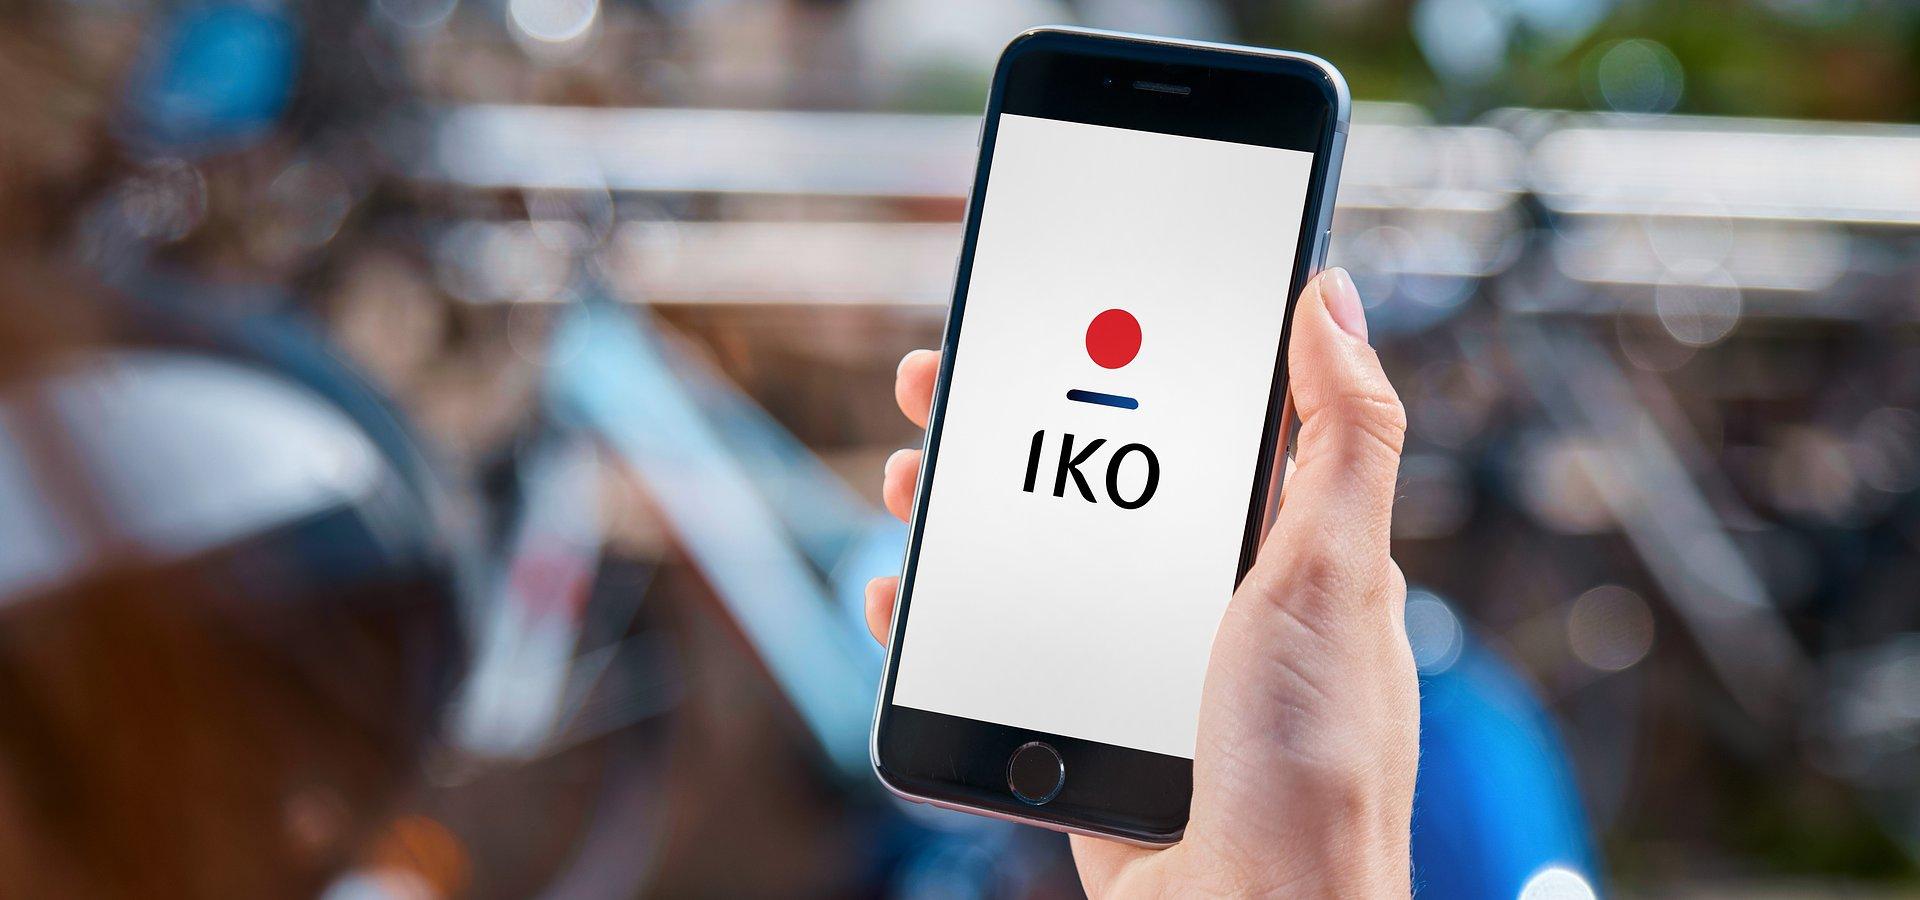 5,5 mln aktywnych IKO! Aplikacja PKO Banku Polskiego ma teraz tryb ciemny, a jej Asystent głosowy udogodnienia dla osób niewidomych